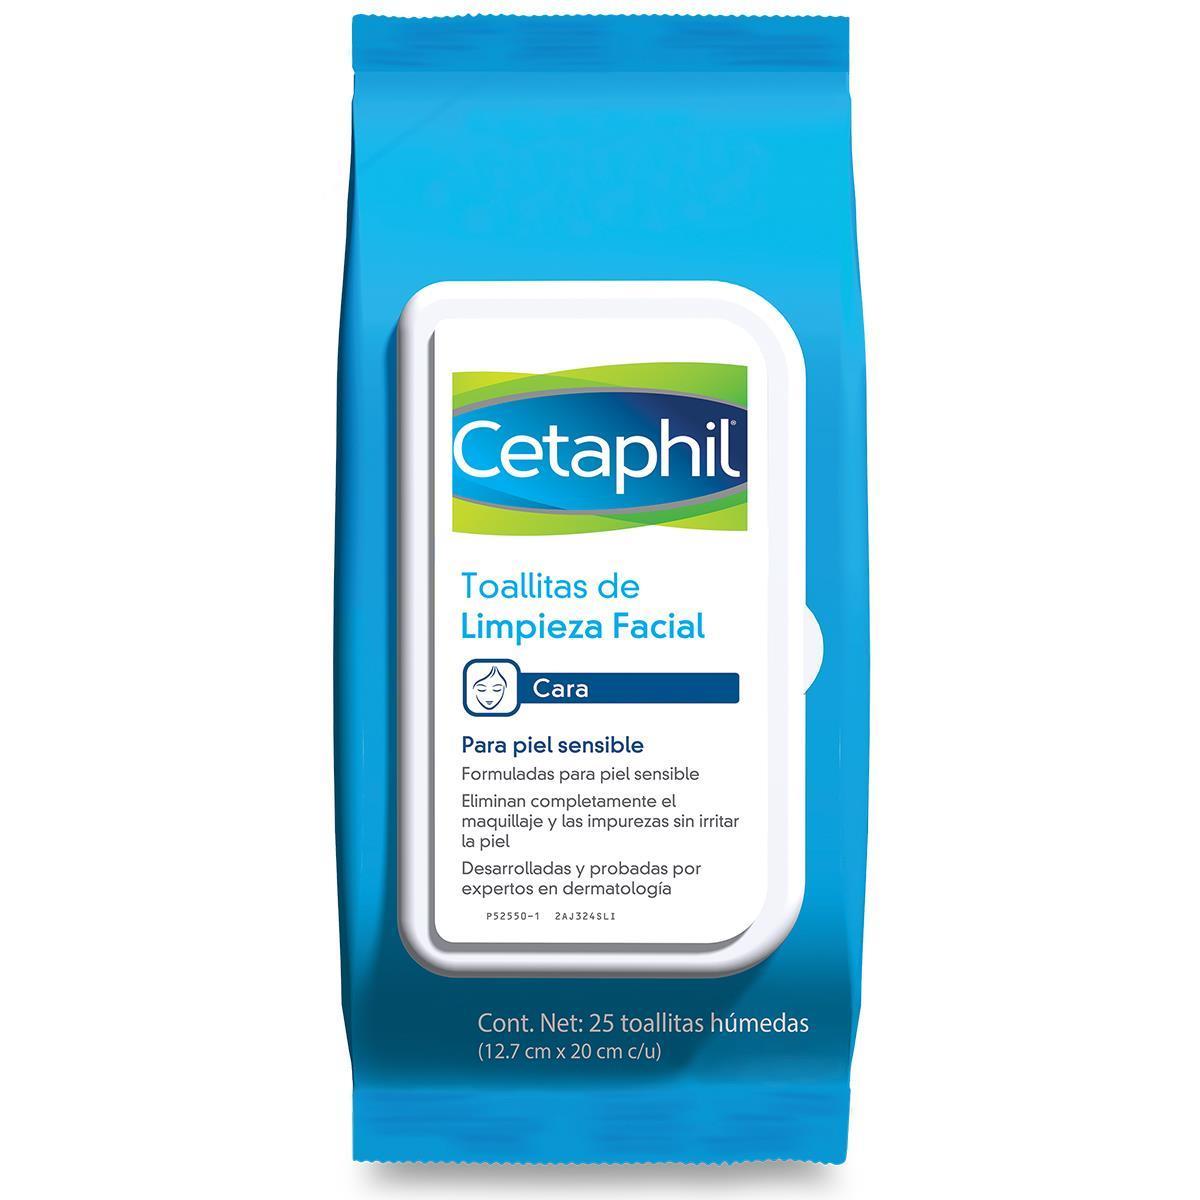 Cetaphil Toallitas De Limpieza Facial 25 Piezas